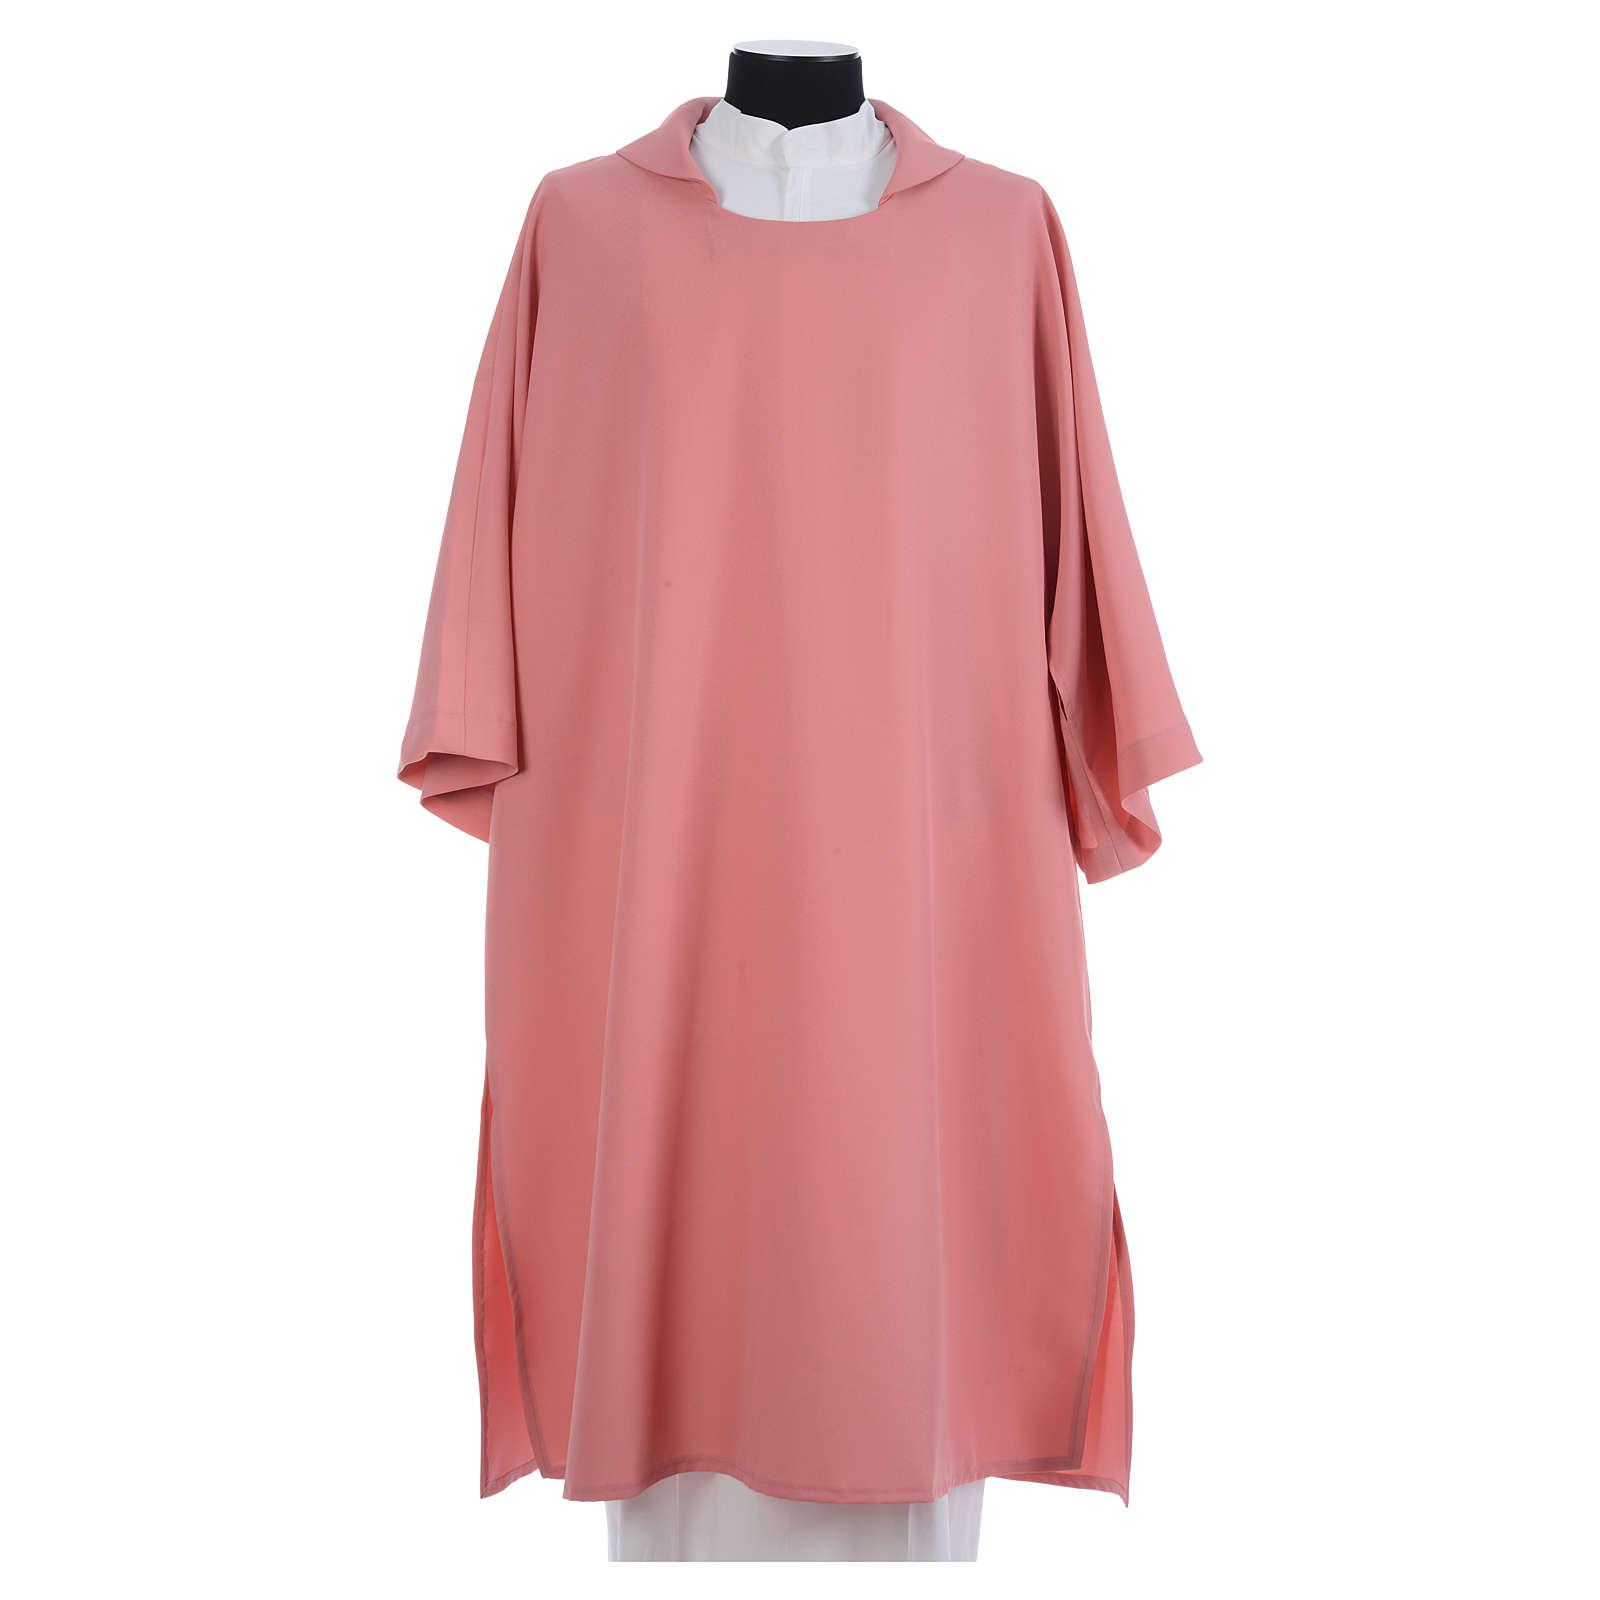 Dalmatica poliestere rosa 4